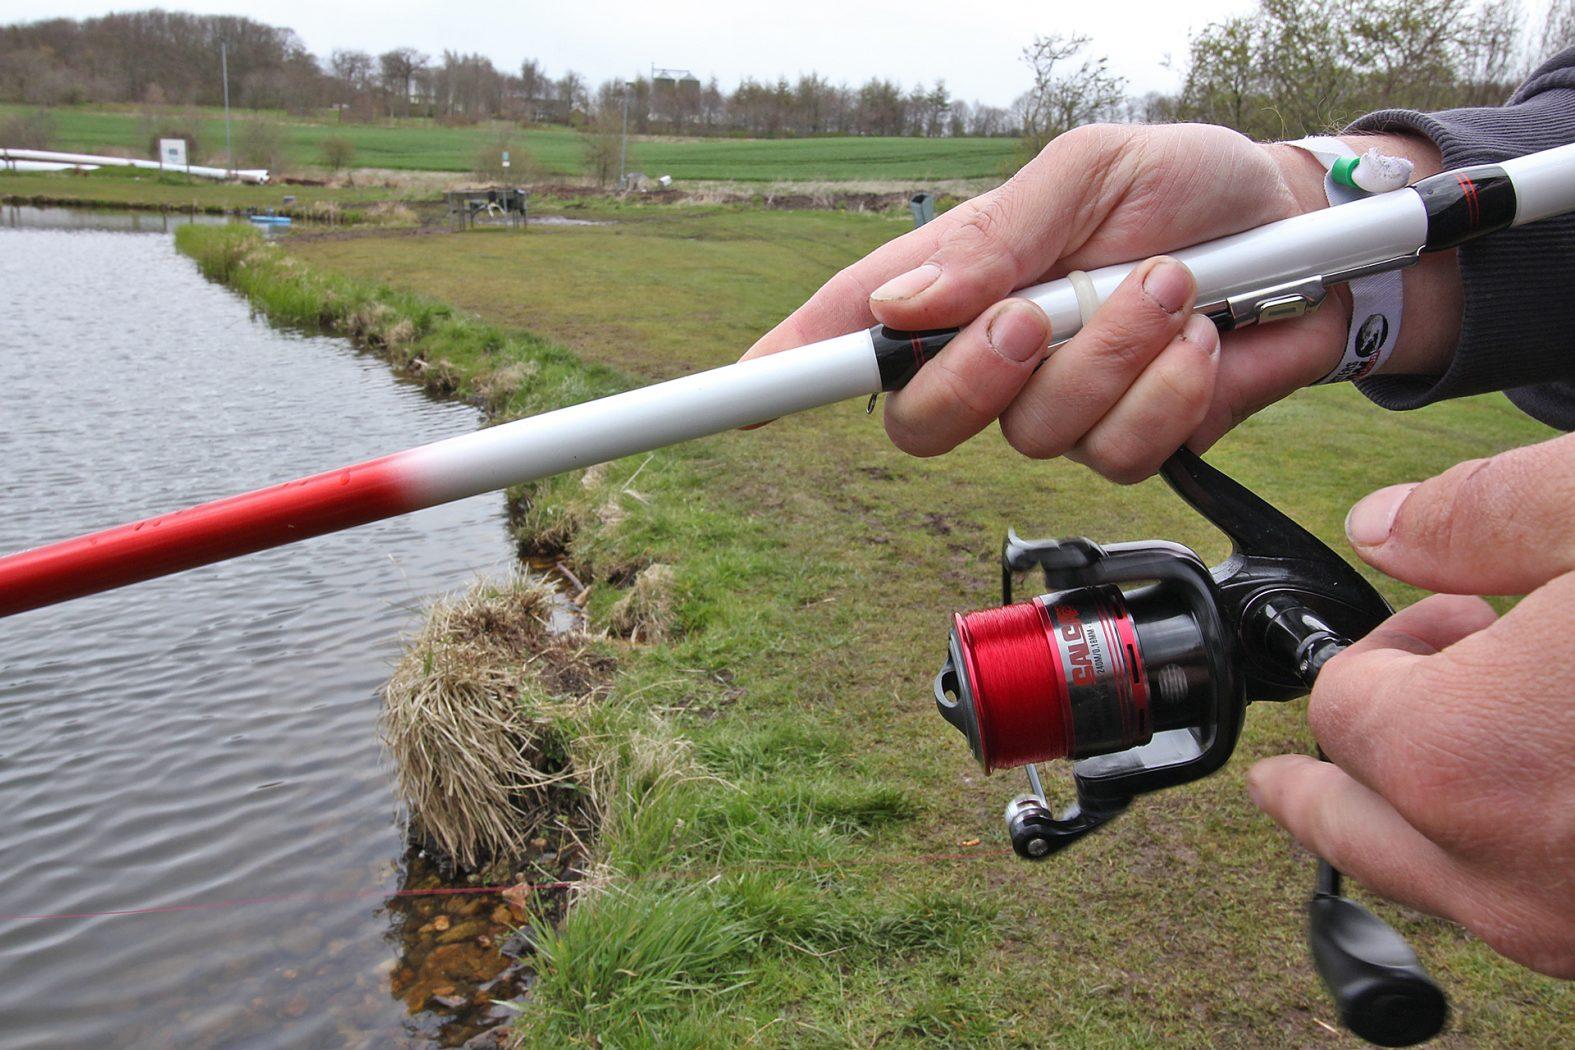 Rolle und Schnur zum Tremarella angeln